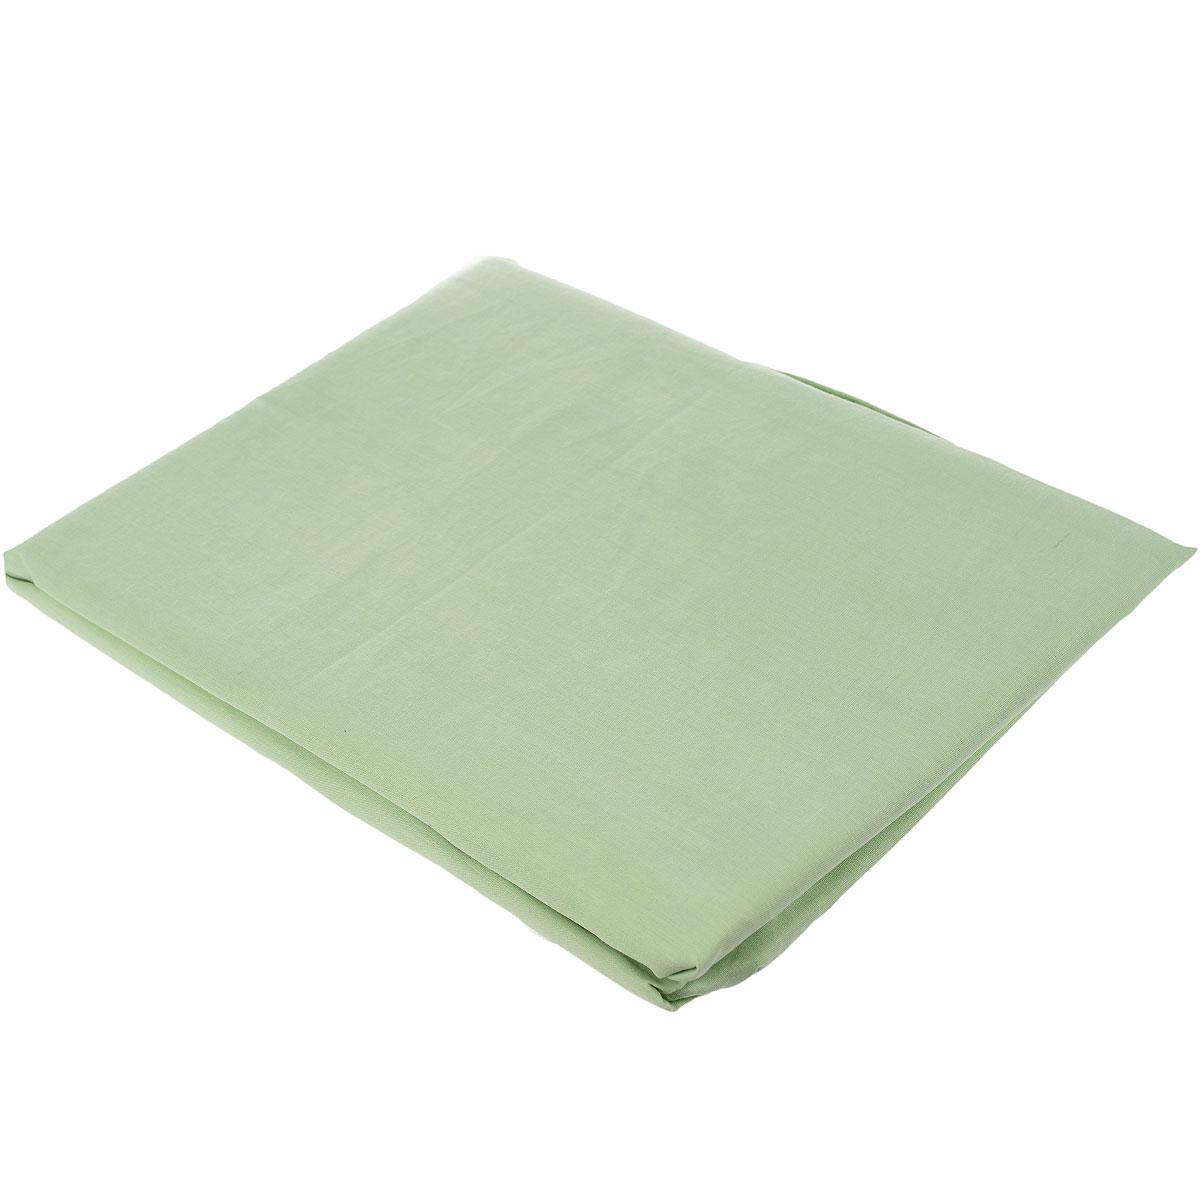 Простыня на резинке Style, цвет: зеленый, 180 см х 200 см. 114911407114911407Однотонная простыня Style изготовлена из натурального хлопка абсолютно безопасна даже для самых маленьких членов семьи. Она обладает высокой плотностью, необычайной мягкостью и шелковистостью. Простыня из такого хлопка выдержит большое количество стирок и не потеряет цвет.Выбрав простыню нужной вам расцветки, вы можете легко комбинировать ее с различным постельным бельем.